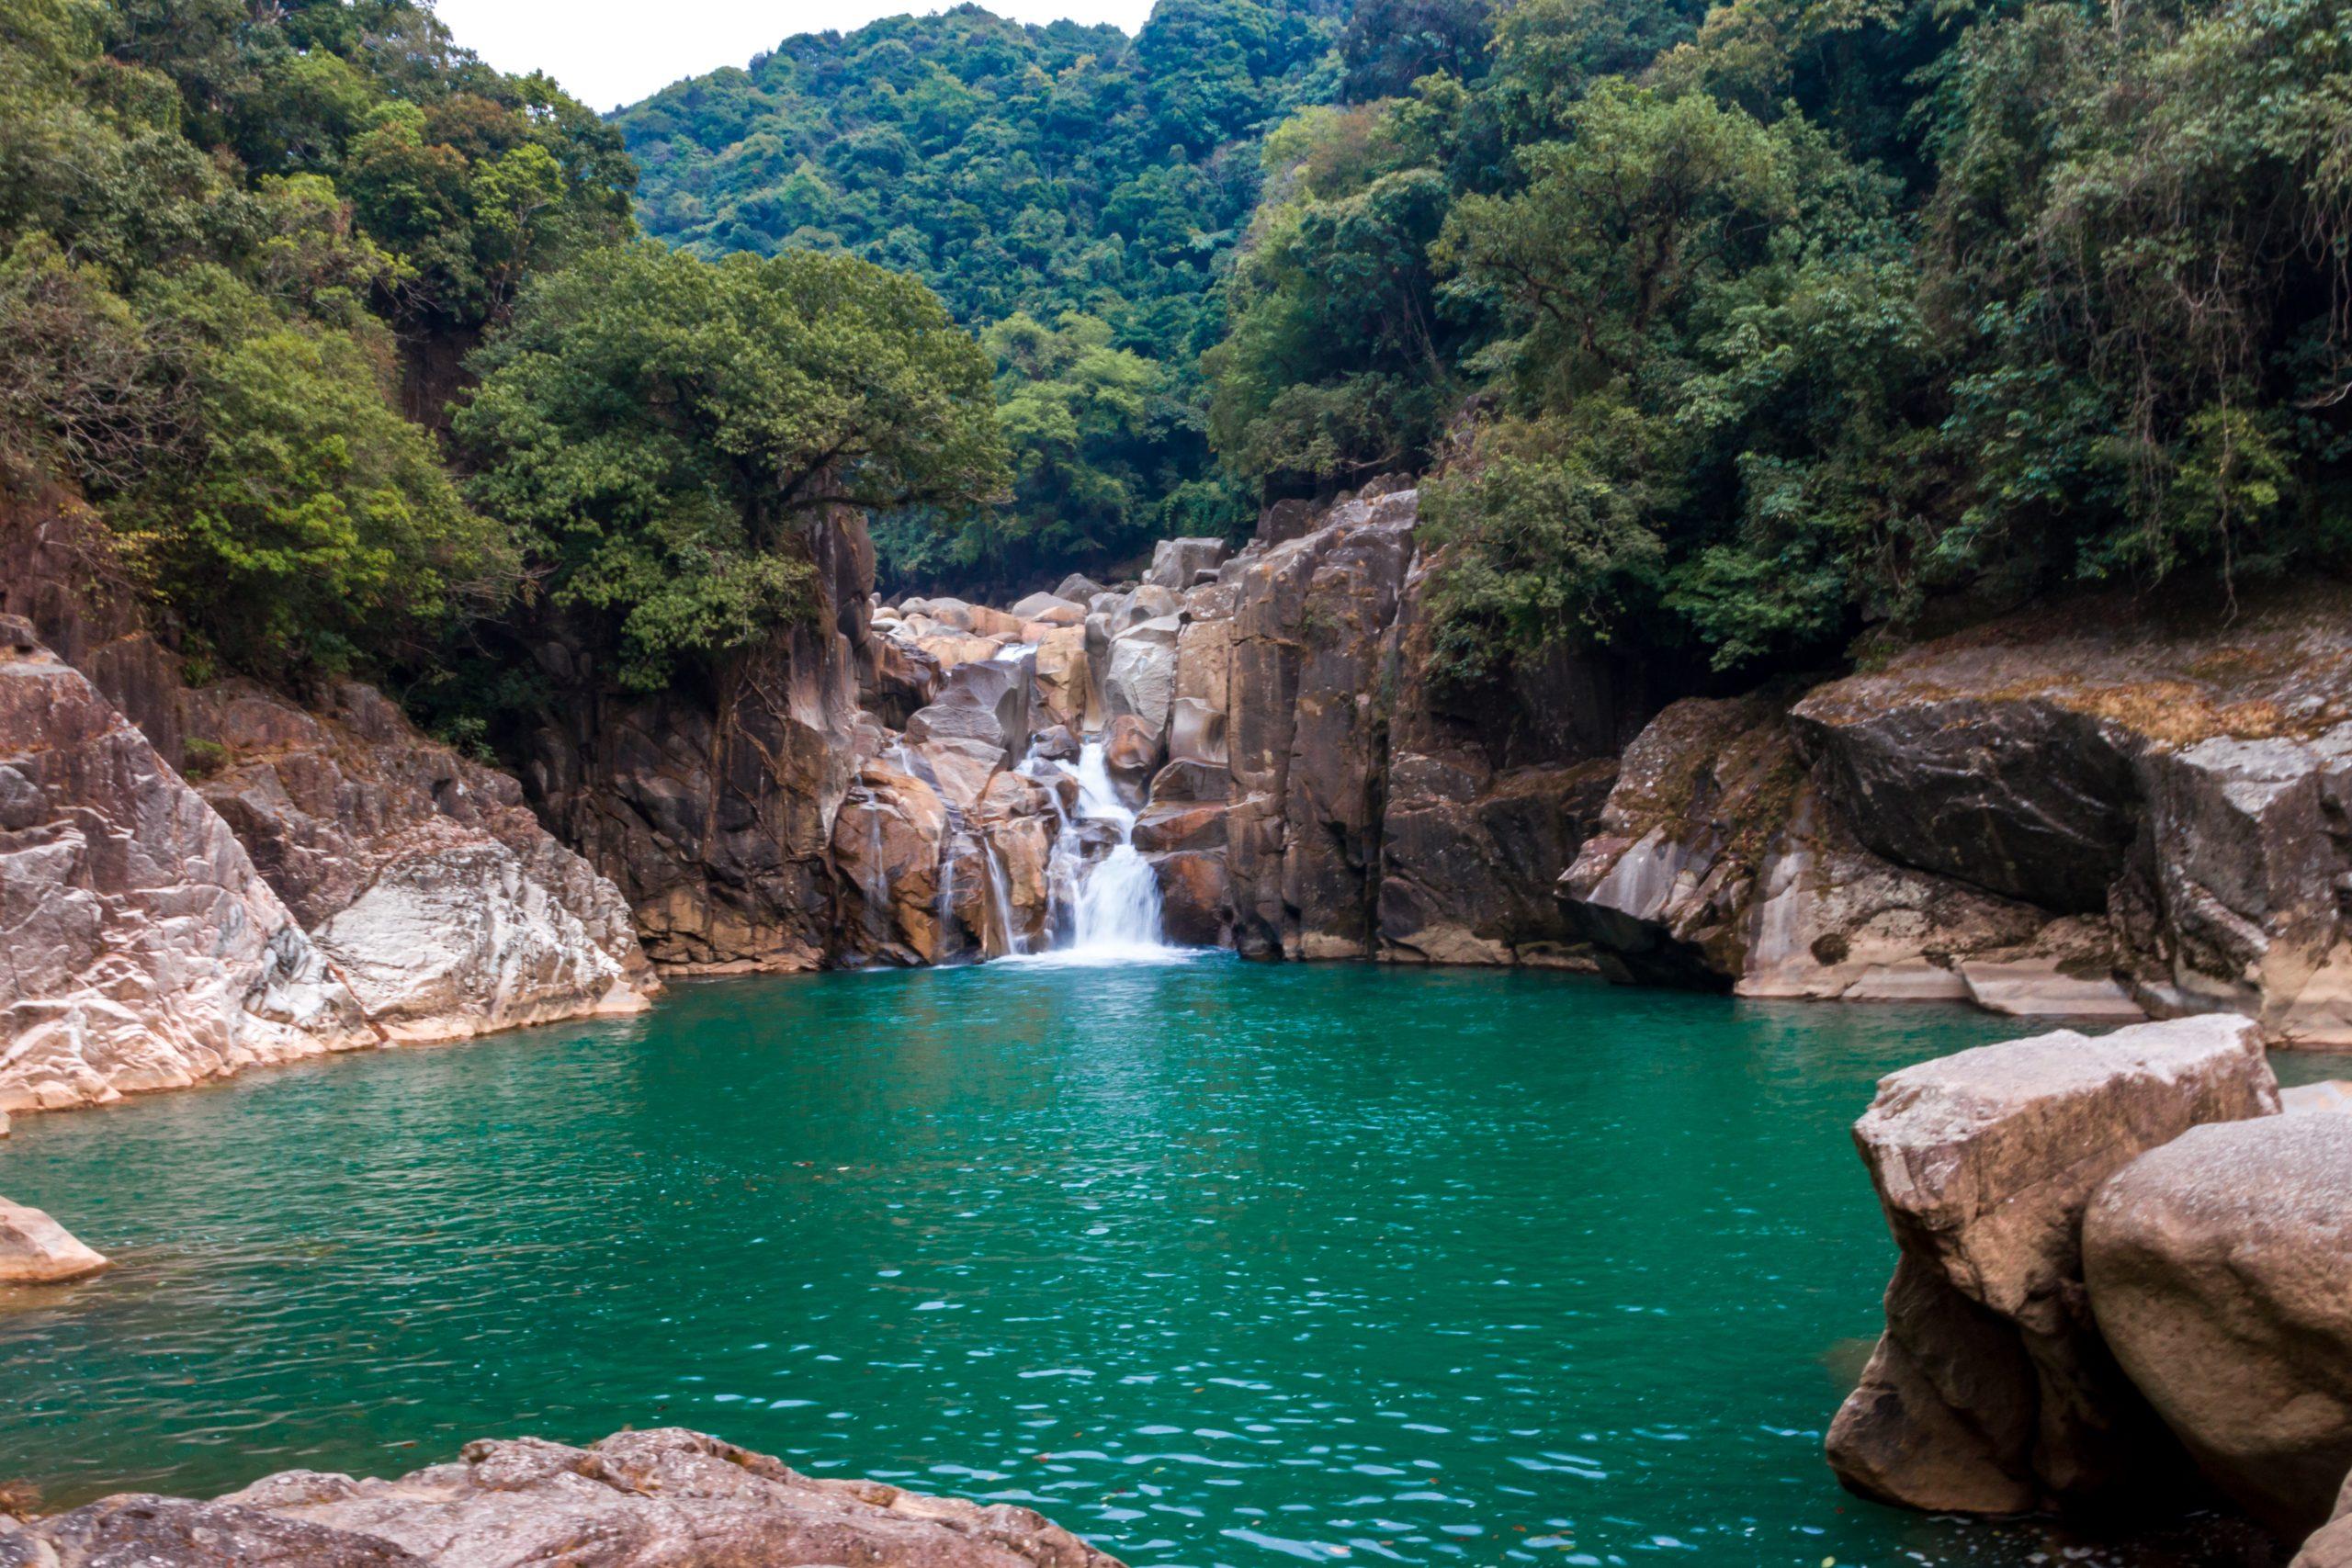 A river in a jungle